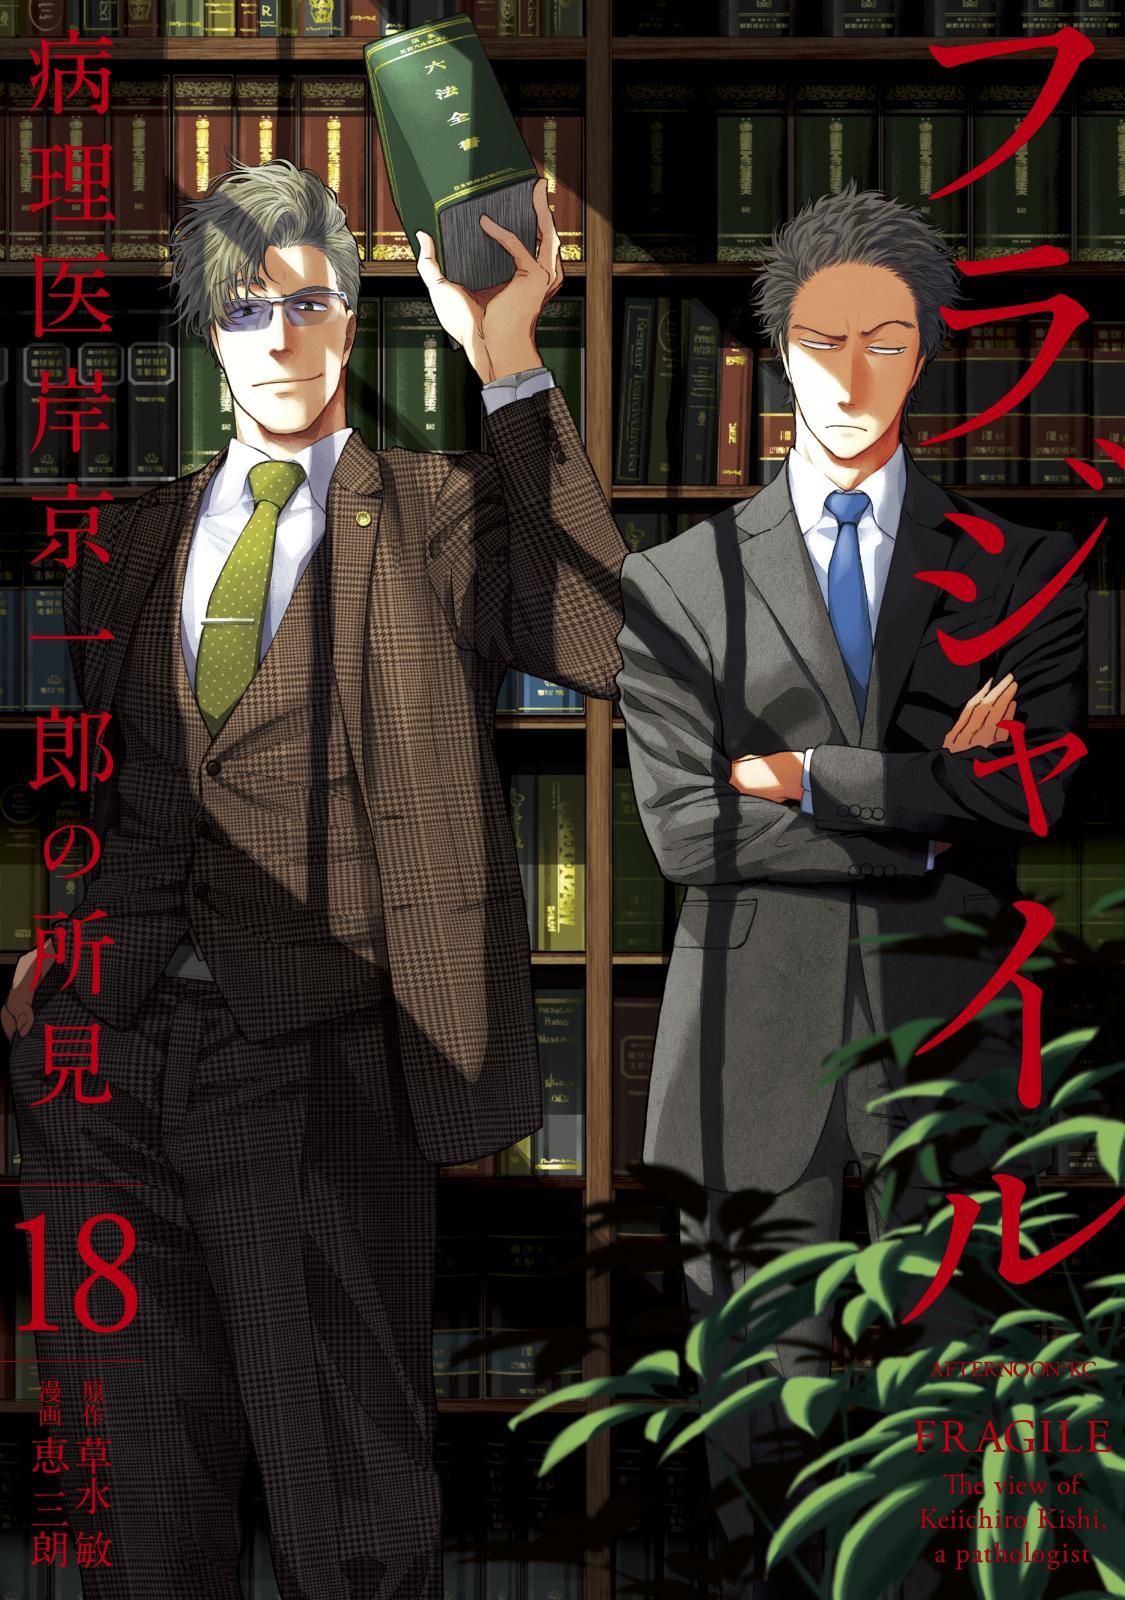 フラジャイル 病理医岸京一郎の所見(18)